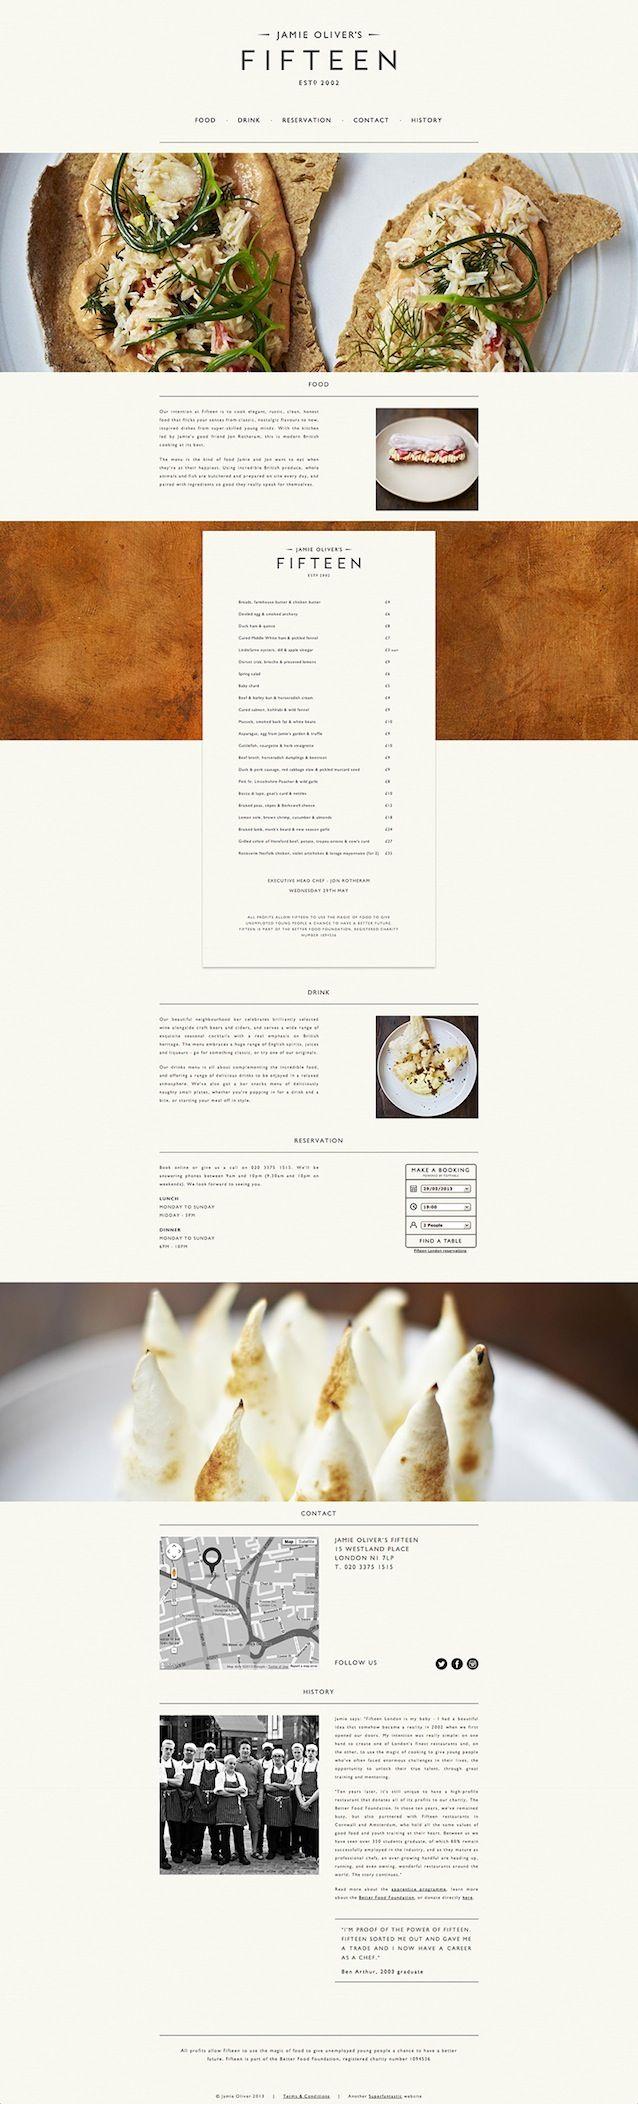 Jamie Oliver's 'Fifteen' website design with parrallax | #website #design #parrallax | www.rubbercheese.com